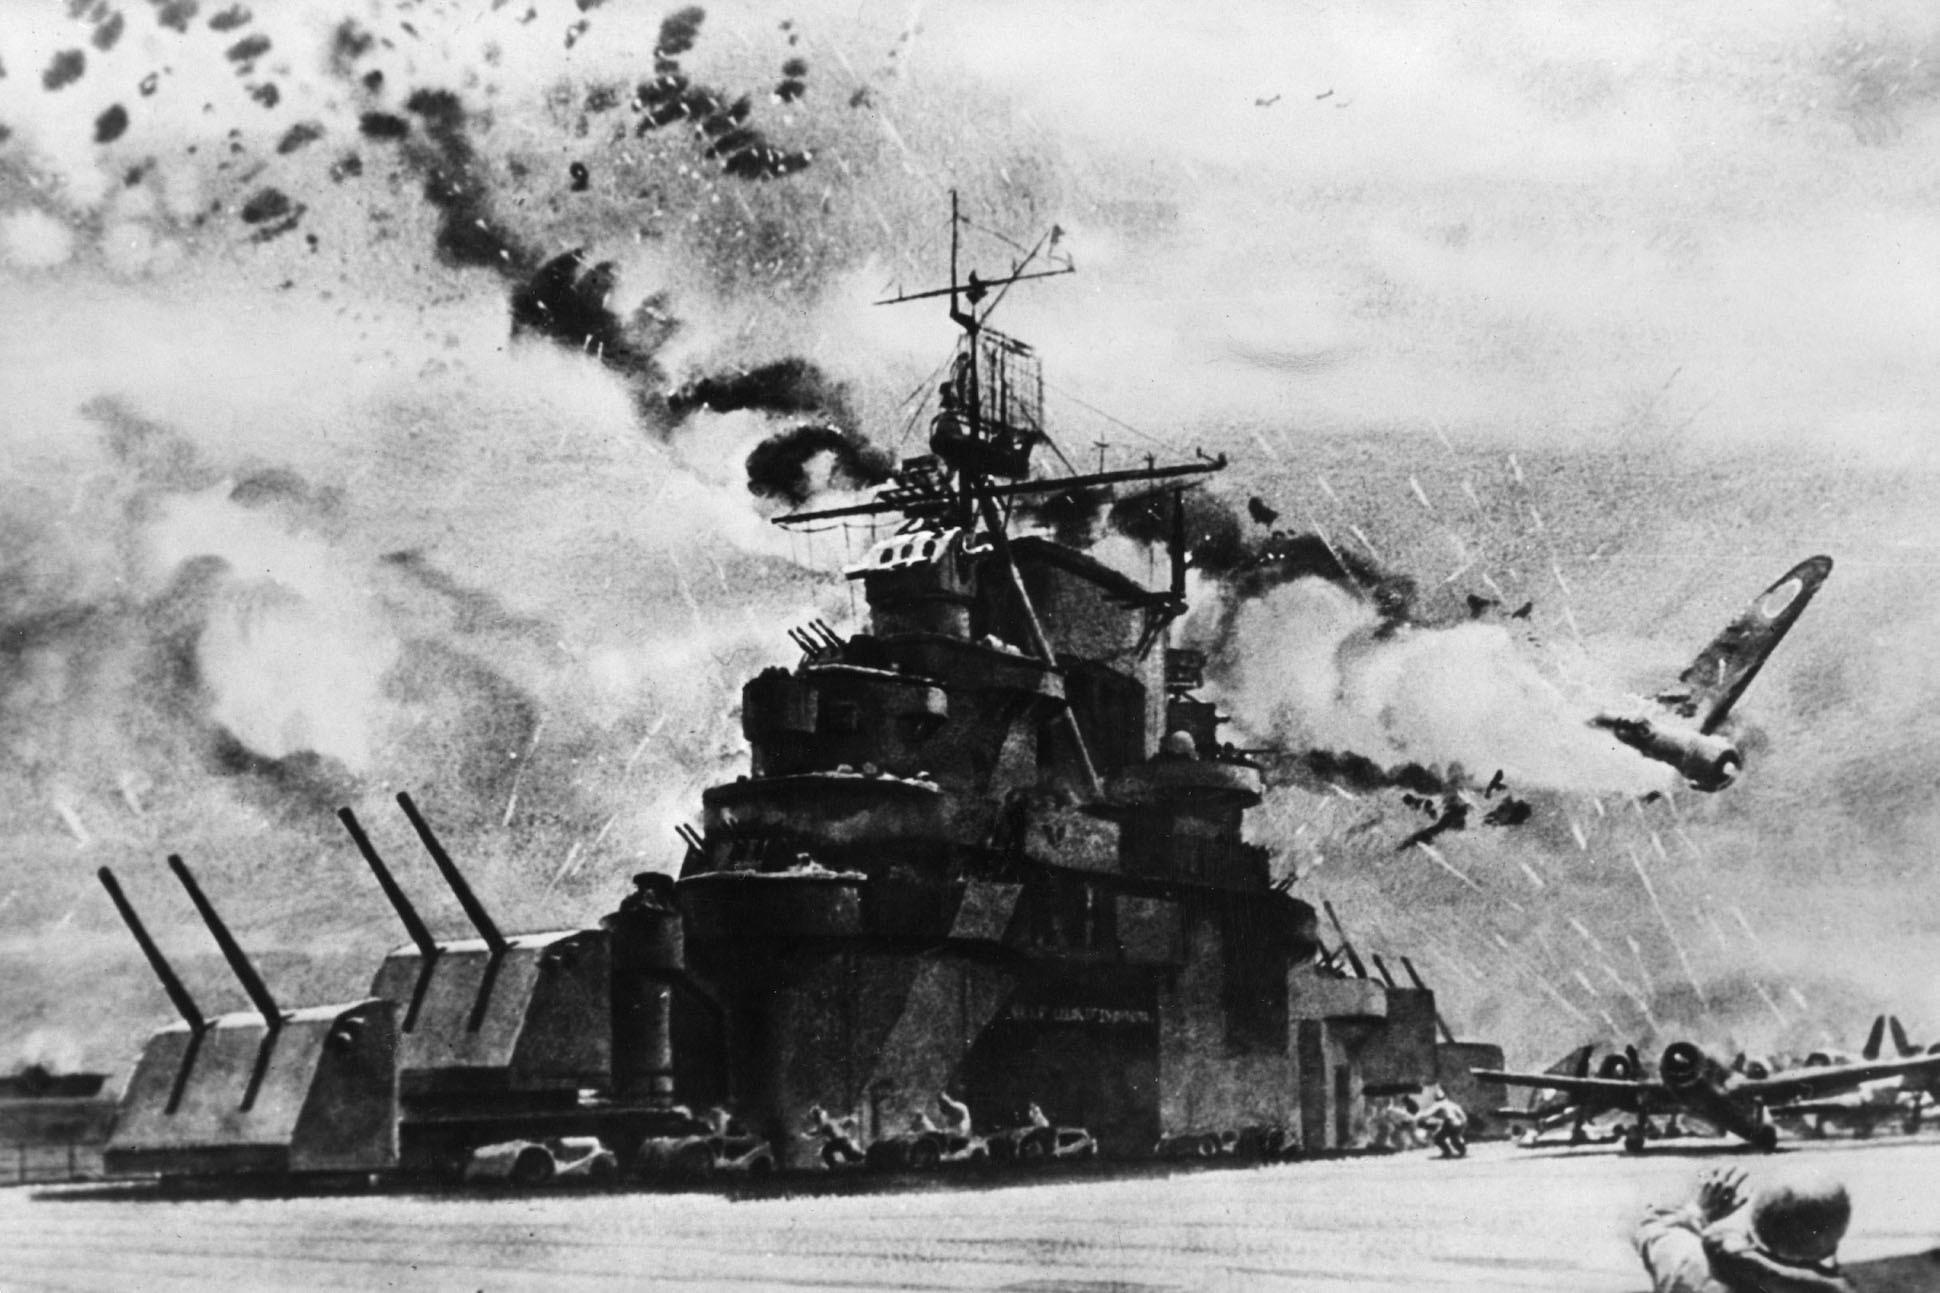 world war 2 - photo #10